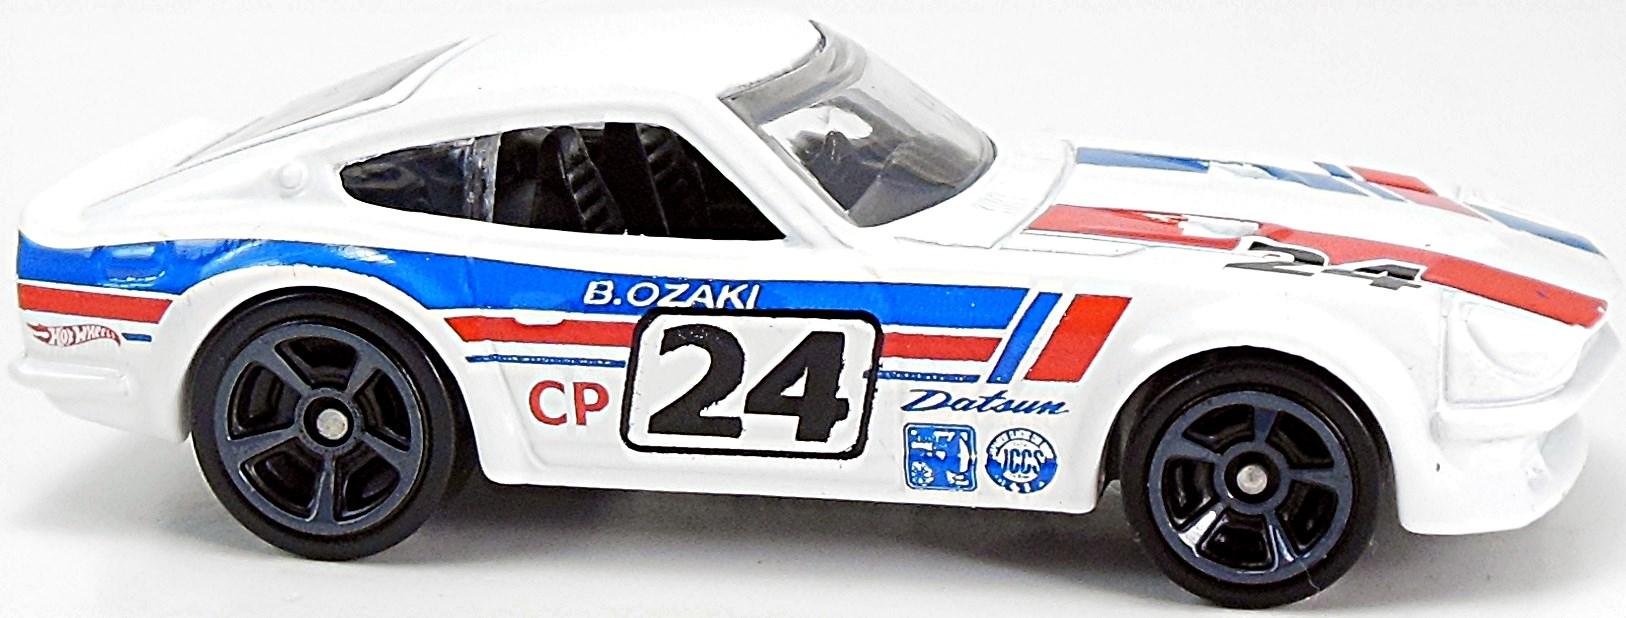 100 Datsun Race Car Tom Bork U2022 Mazda And Datsun